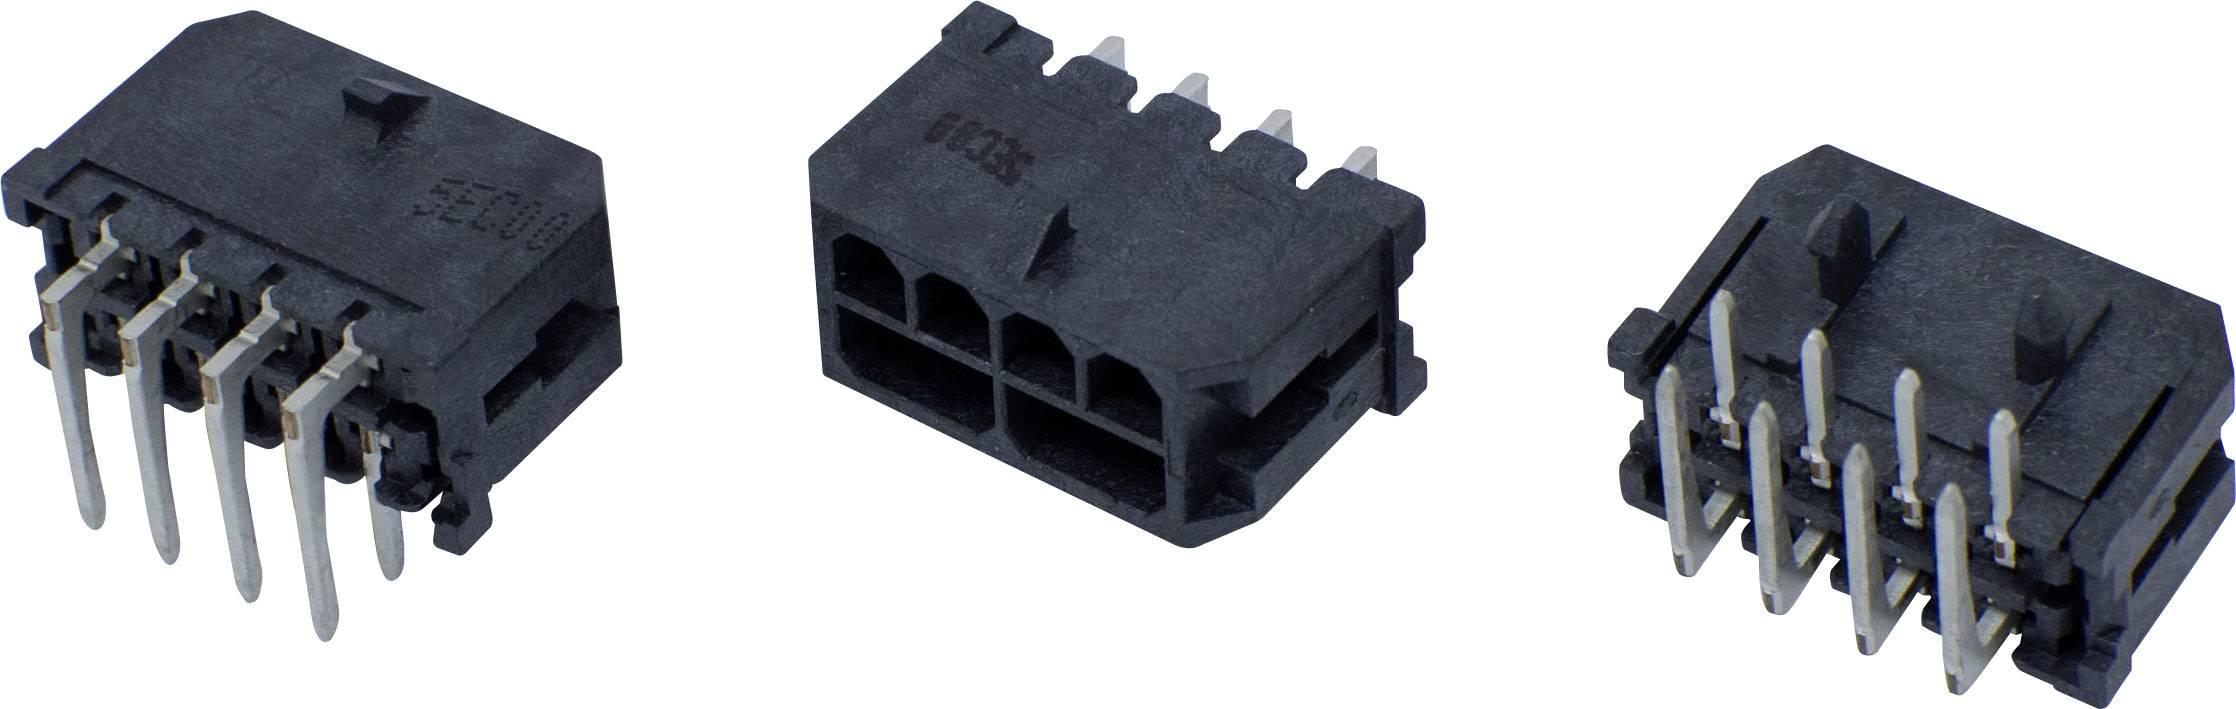 Pinová lišta (standardní) BellWether 70095-0208, pólů 2, rozteč 3 mm, 1 ks